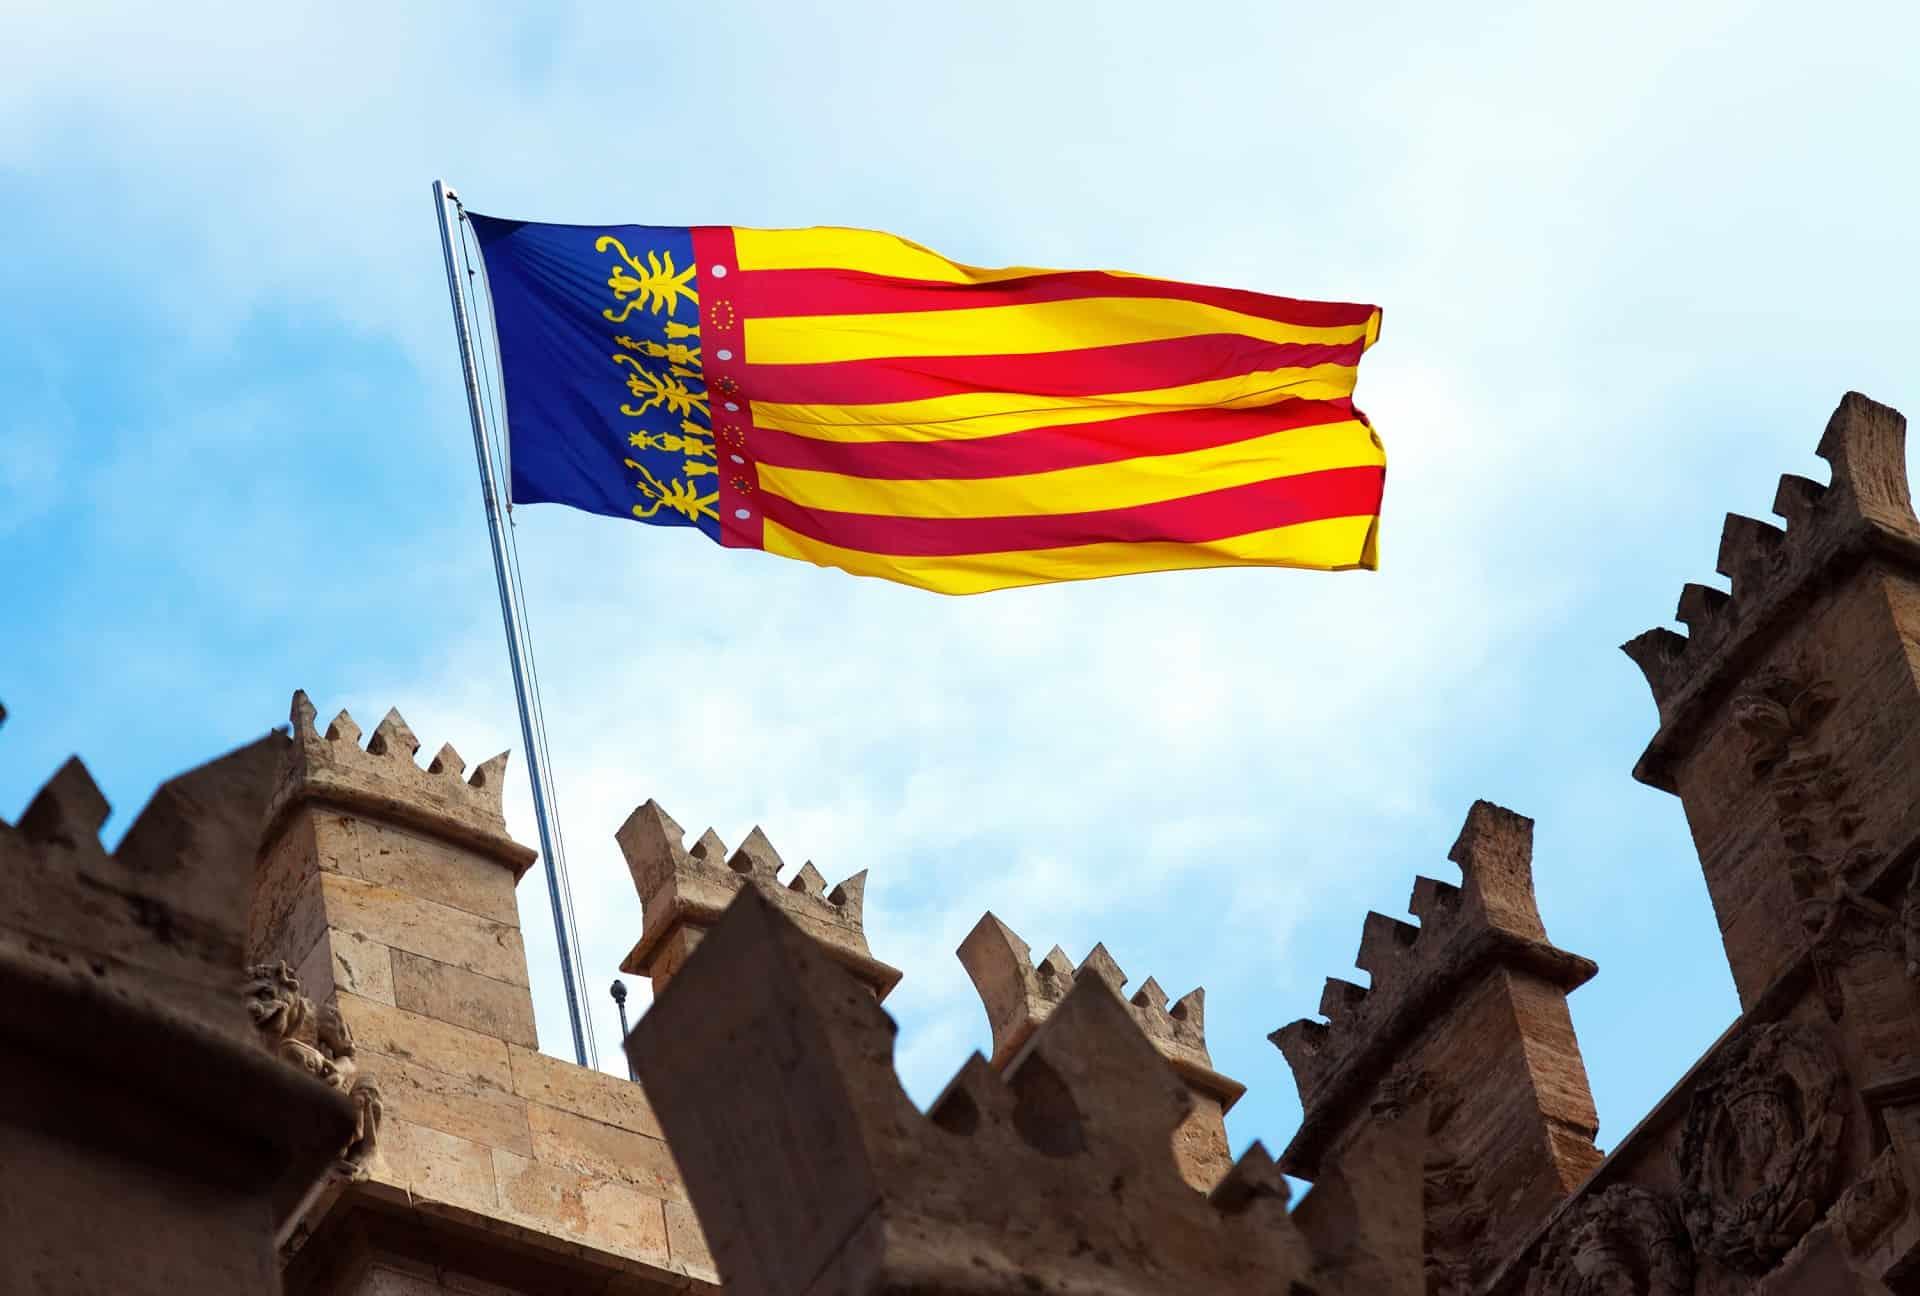 deducciones autonomicas en la comunidad valenciana